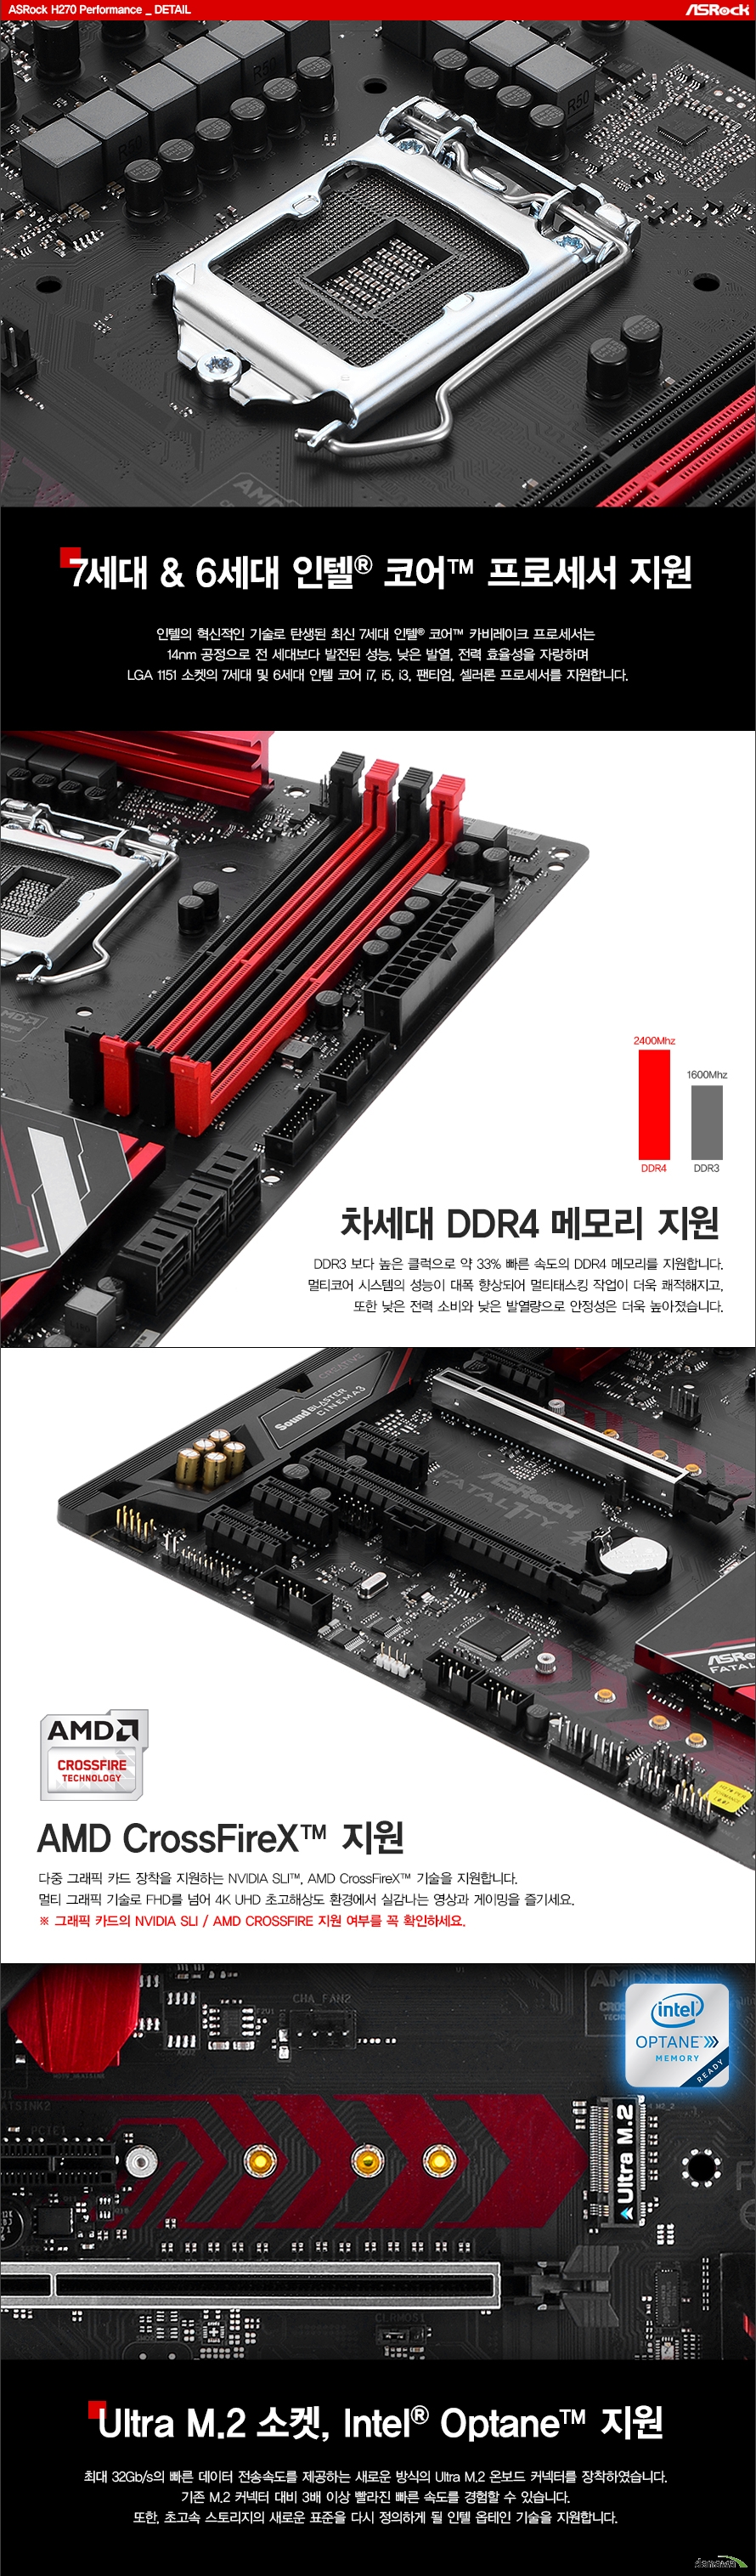 디테일7세대 & 6세대 인텔 코어 프로세서 지원인텔의 혁신적인 기술로 탄생된 최신 7세대 인텔 코어 카비레이크 프로세서는 14nm 공정으로 전 세대보다 발전된 성능, 낮은 발열, 전력 효율성을 자랑하며LGA 1151 소켓의 7세대 및 6세대 인텔 코어 i7, i5, i3, 팬티엄, 셀러론 프로세서를 지원합니다.차세대 DDR4 메모리 지원DDR3 메모리보다 높은 클럭, 넓은 대역폭으로 약 33% 빠른 속도의 DDR4 메모리를 지원합니다.멀티코어 시스템의 성능이 대폭 향상되어 멀티태스킹 작업이 더욱 쾌적해지고,또한 낮은 전력 소비와 낮은 발열량으로 안정성은 더욱 높아졌습니다.AMD CrossFireX 지원다중 그래픽 카드 장착을 지원하는 AMD CrossFireX 기술을 지원합니다. 멀티 그래픽 기술로 FHD를 넘어 4K UHD 초고해상도 환경에서 실감나는 영상과 게이밍을 즐기세요.그래픽 카드의 NVIDIA SLI / AMD CROSSFIRE 지원 여부를 꼭 확인하세요.Ultra M.2 소켓, Intel Optane 지원최대 32Gb/s의 빠른 데이터 전송속도를 제공하는 새로운 방식의 Ultra M.2 온보드 커넥터를 장착하였습니다. 기존 M.2 커넥터 대비 3배 이상 빨라진 빠른 속도를 경험할 수 있습니다. 또한, 초고속 스토리지의 새로운 표준을 다시 정의하게 될 인텔 옵테인 기술을 지원합니다.